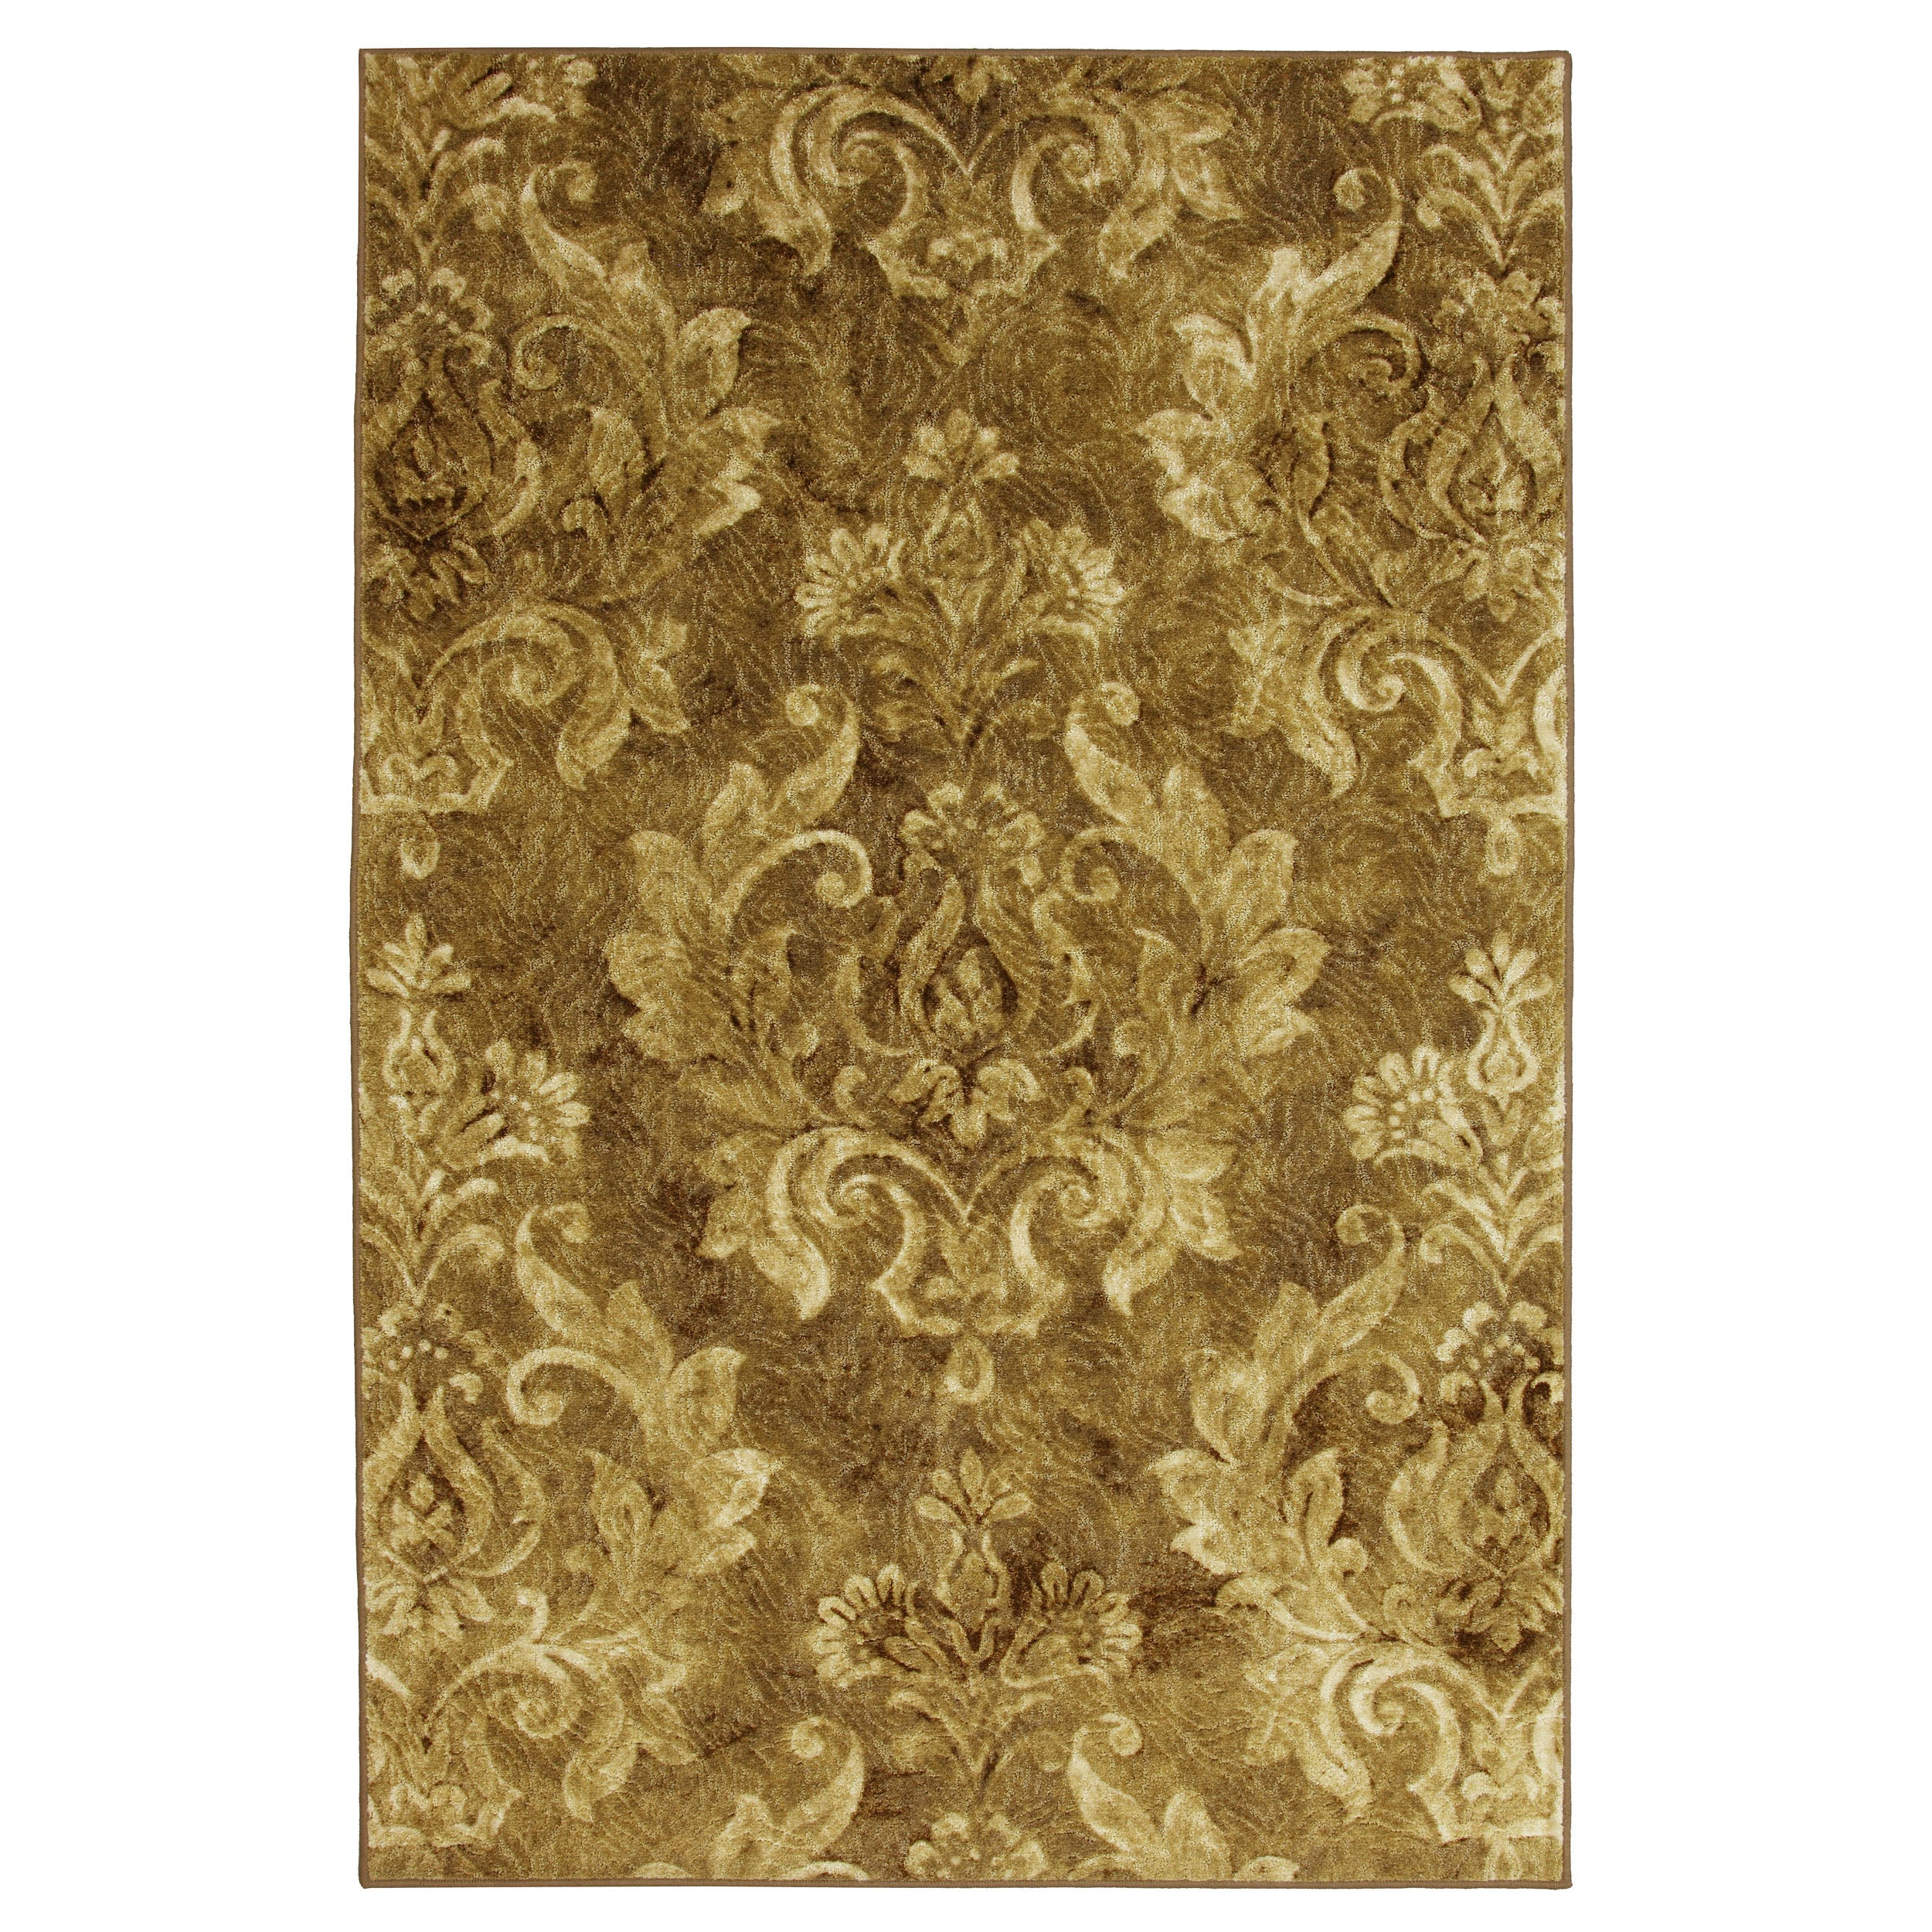 Antique Gold Damask Rug (5' X 8')